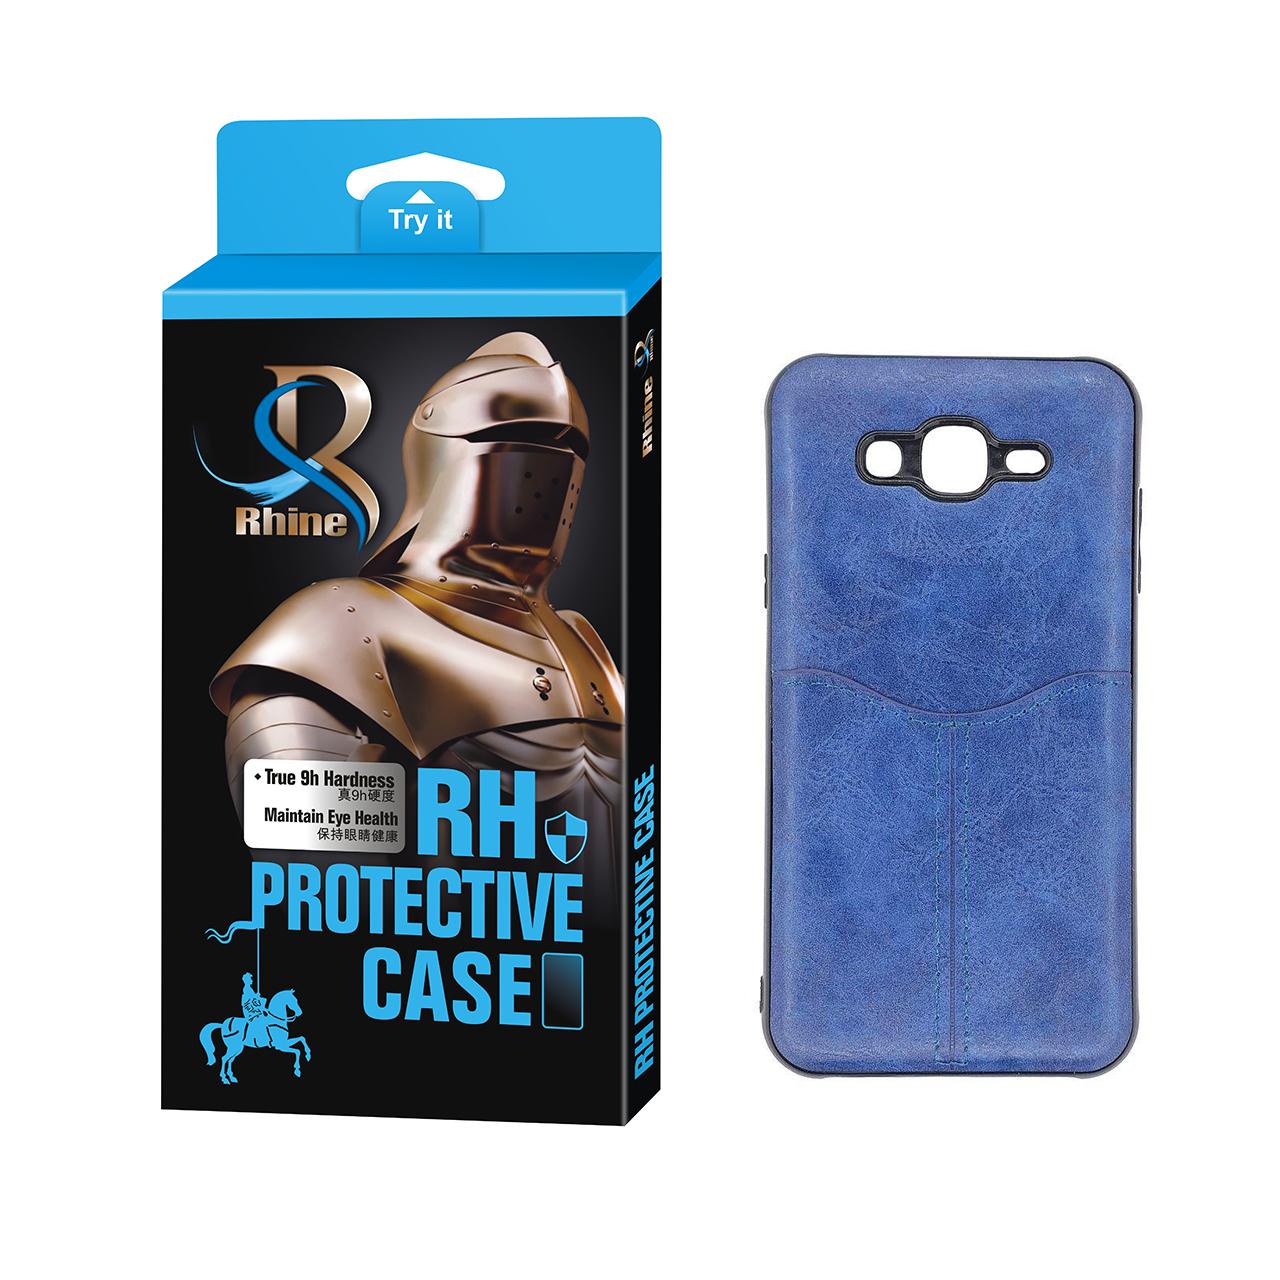 کاور راین مدل R_CT مناسب برای گوشی موبایل سامسونگ Galaxy Grand Prime